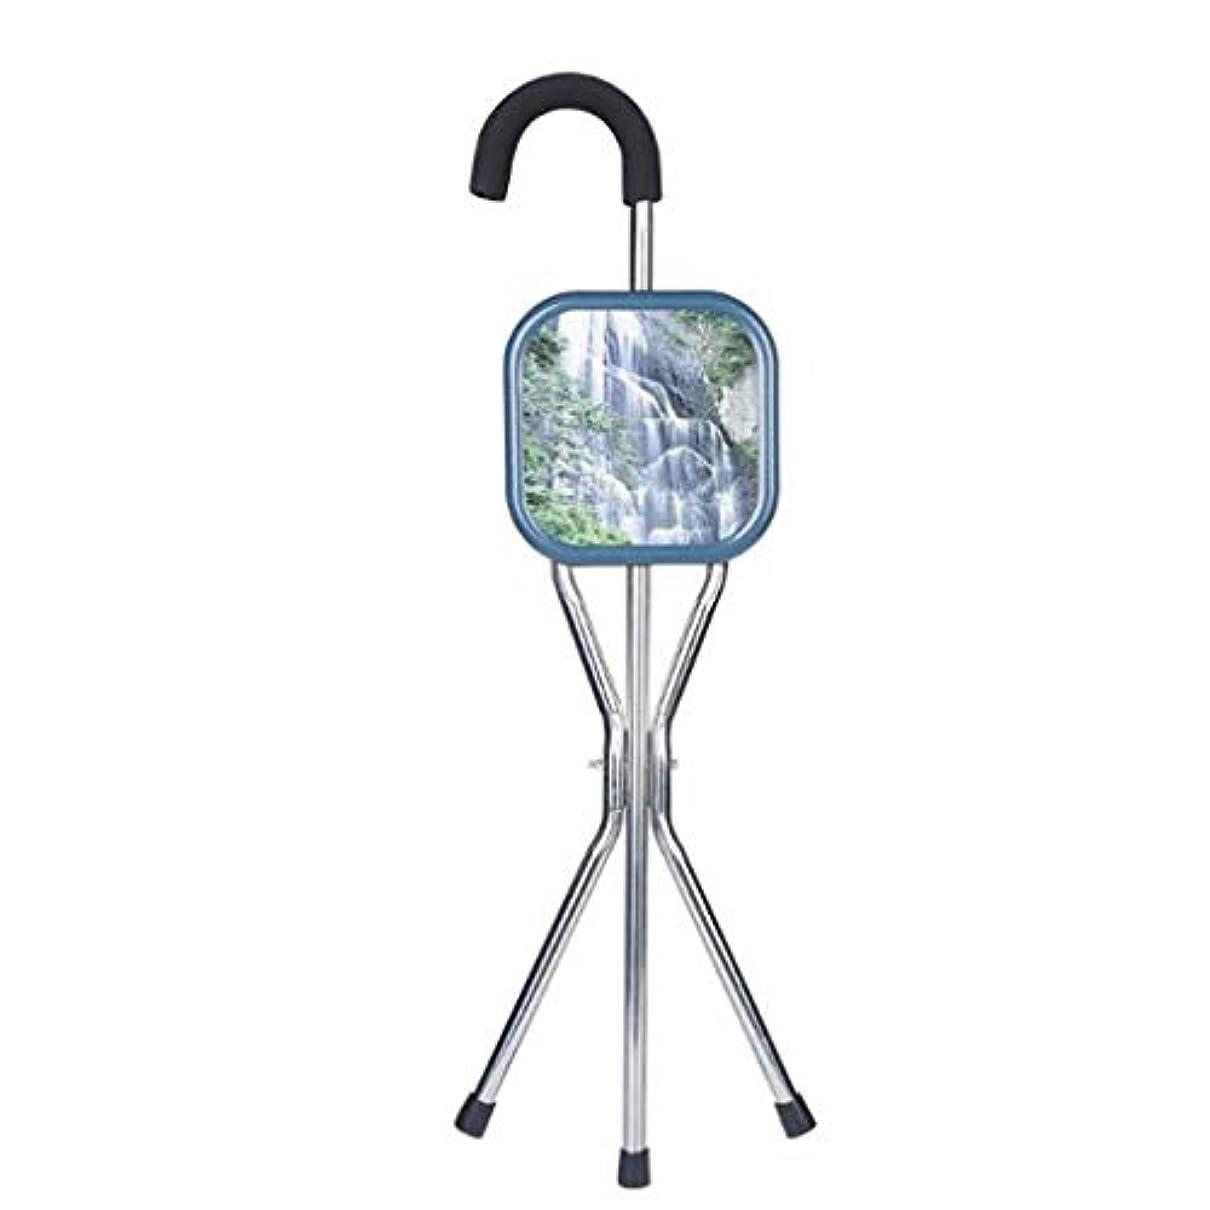 簡単にナサニエル区好む折りたたみ式松葉杖、杖用スツール、杖用椅子、移動式不便、ステンレス鋼、老人、折りたたみ式松葉杖,Silver